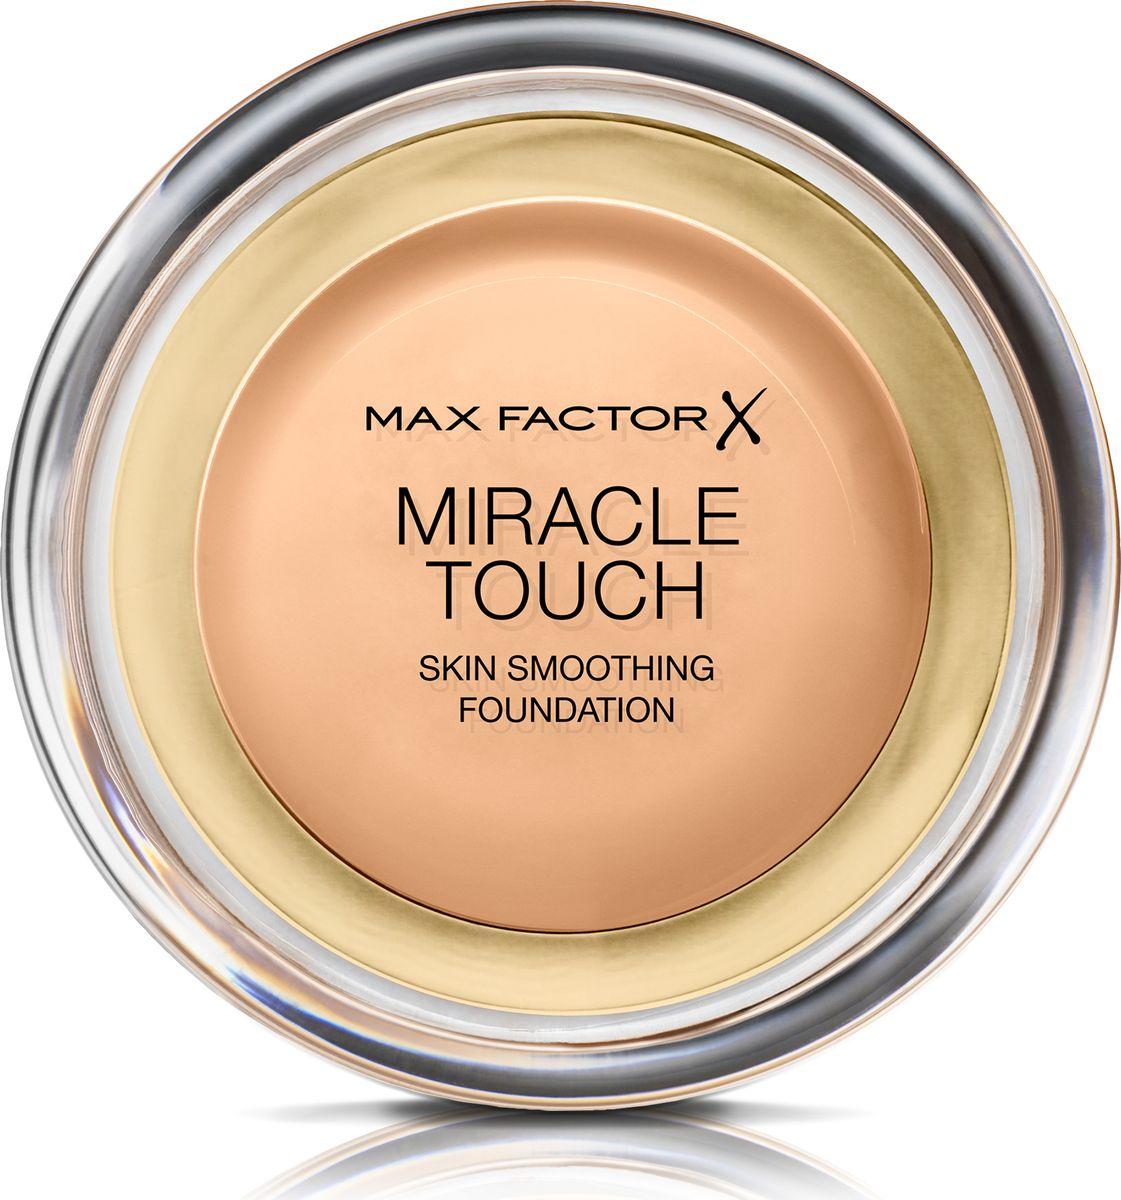 Max Factor Тональная Основа Miracle Touch Тон 75 golden 11,5 гр81063Уникальная универсальная тональная основа Max Factor Miracle Touch обладает кремообразной формулой, благодаря которой превосходно подготовить кожу для макияжа очень легко. Всего один слой без необходимости нанесения консилера или пудры. Формула Легкая твердая тональная основа тает в руках и гладко наносится на кожу, создавая идеальное, безупречно блестящее и равномерное покрытие, не слишком прозрачное и не слишком плотное. В результате кожа выглядит свежей, необычайно ровной и приобретает сияние. Чтобы создать безупречное покрытие, можно нанести всего один легкий слой тональной основы или же сделать покрытие более плотным благодаря специальной формуле. Тональная основа подходит для всех типов кожи, включая чувствительную кожу, и не вызывает угревой сыпи, так как не закупоривает поры. Спонж в комплекте для простого и аккуратного нанесения где угодно.